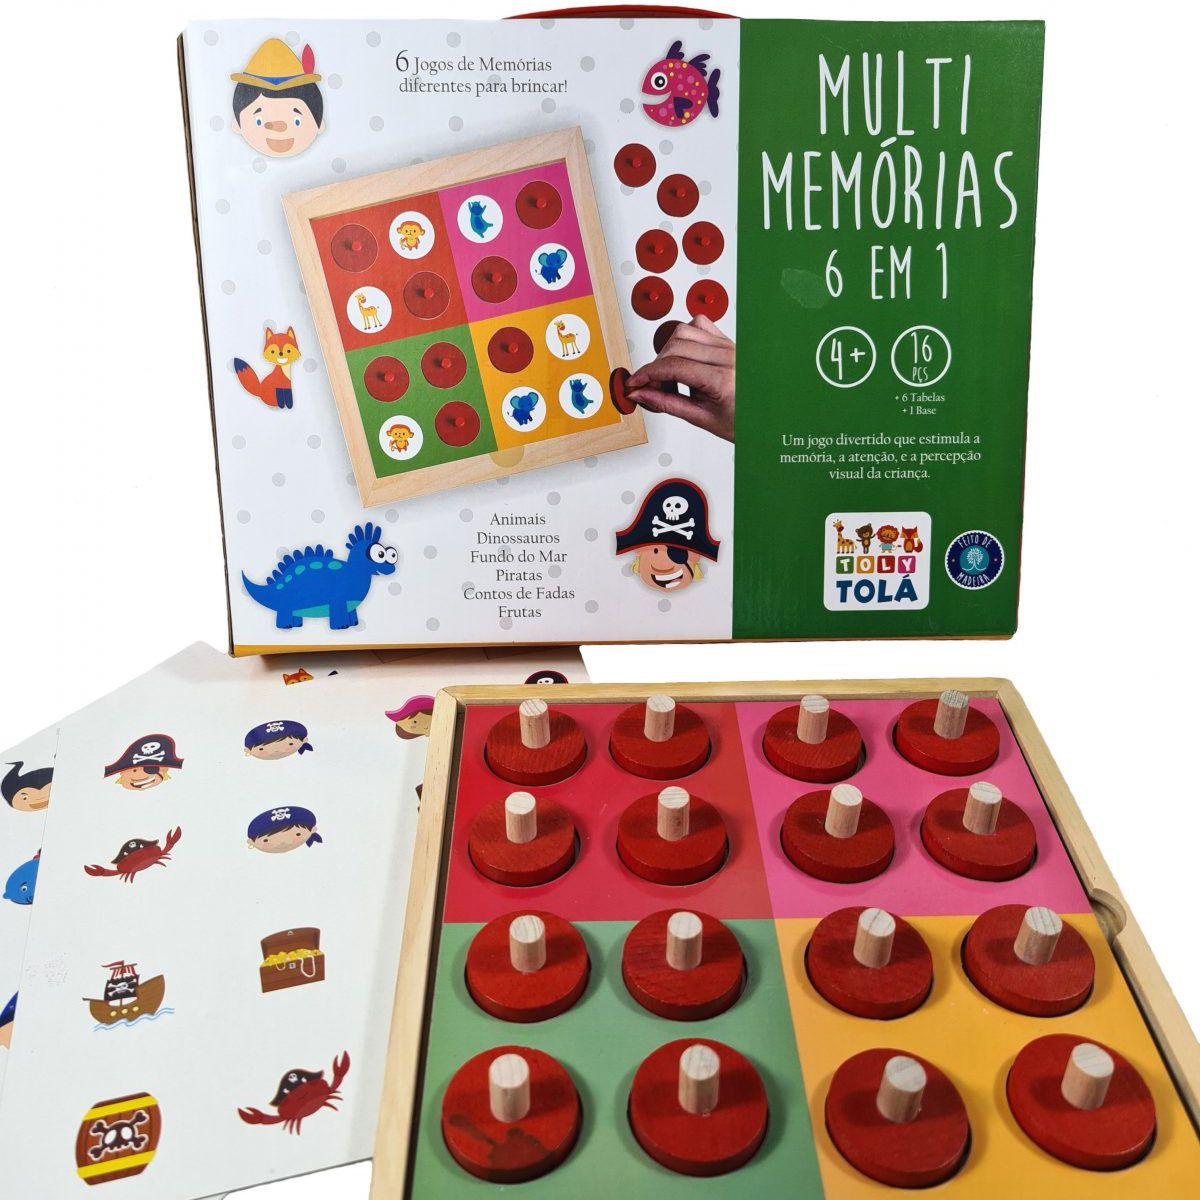 brinquedo-multi-memorias-zastras